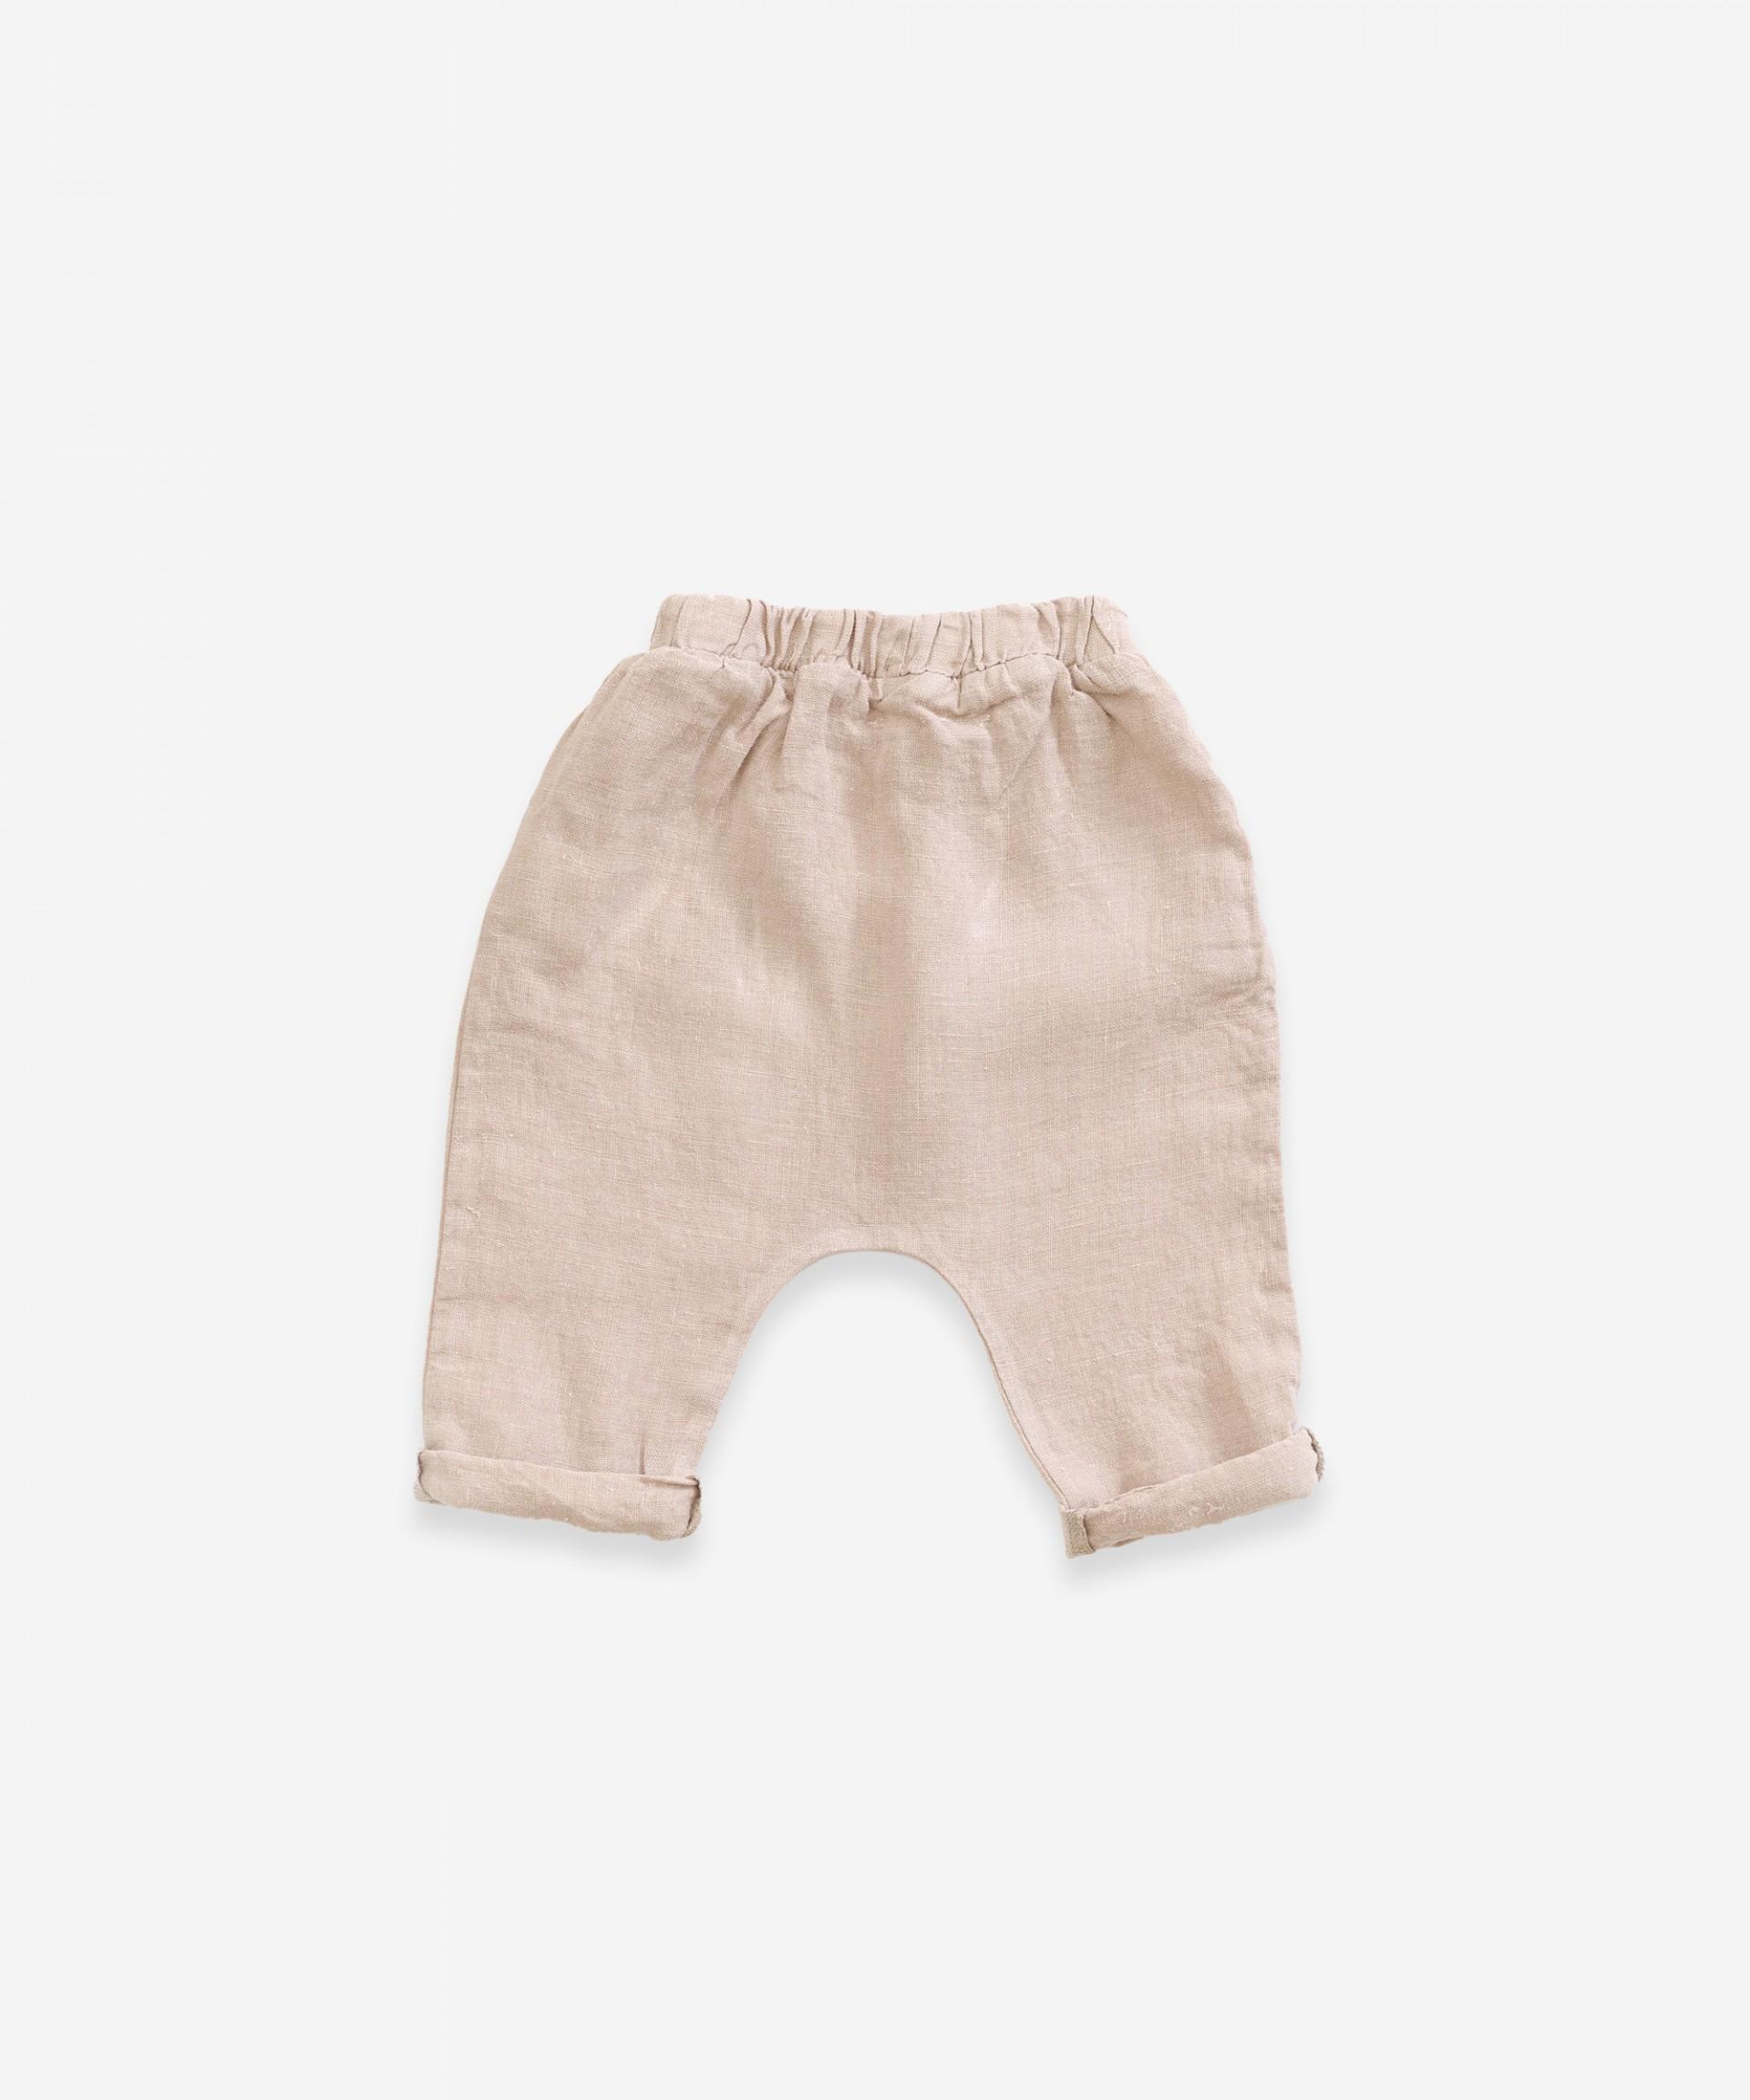 Pantaloni di lino con cordino | Weaving